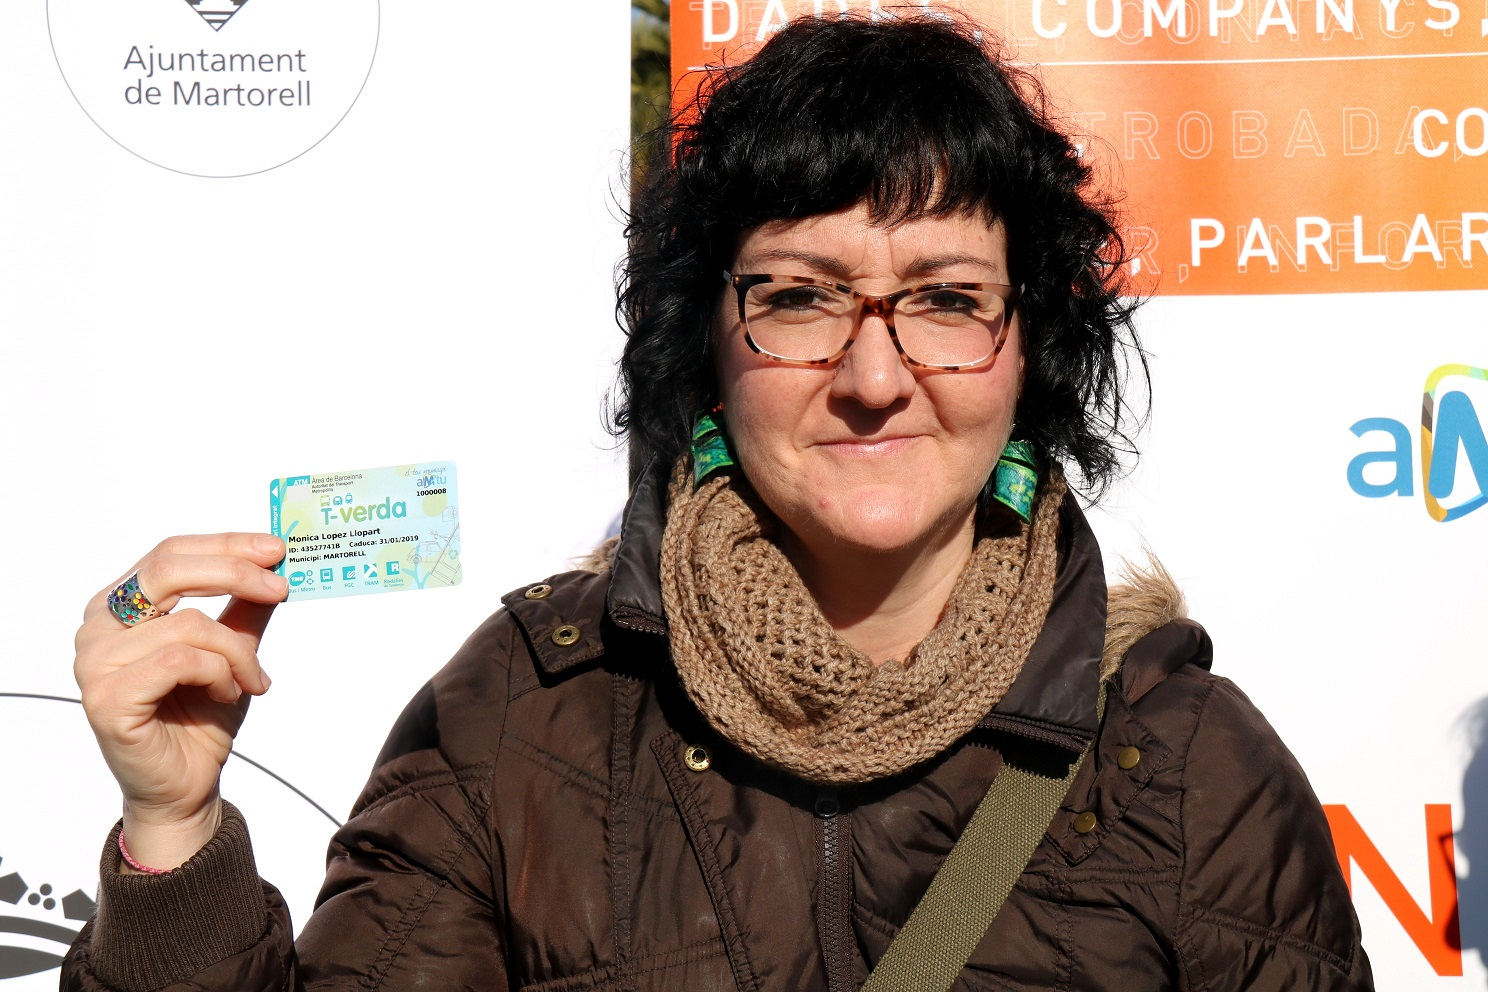 Mònica López és la primera persona del Baix Llobregat que obté la nova T-Verda